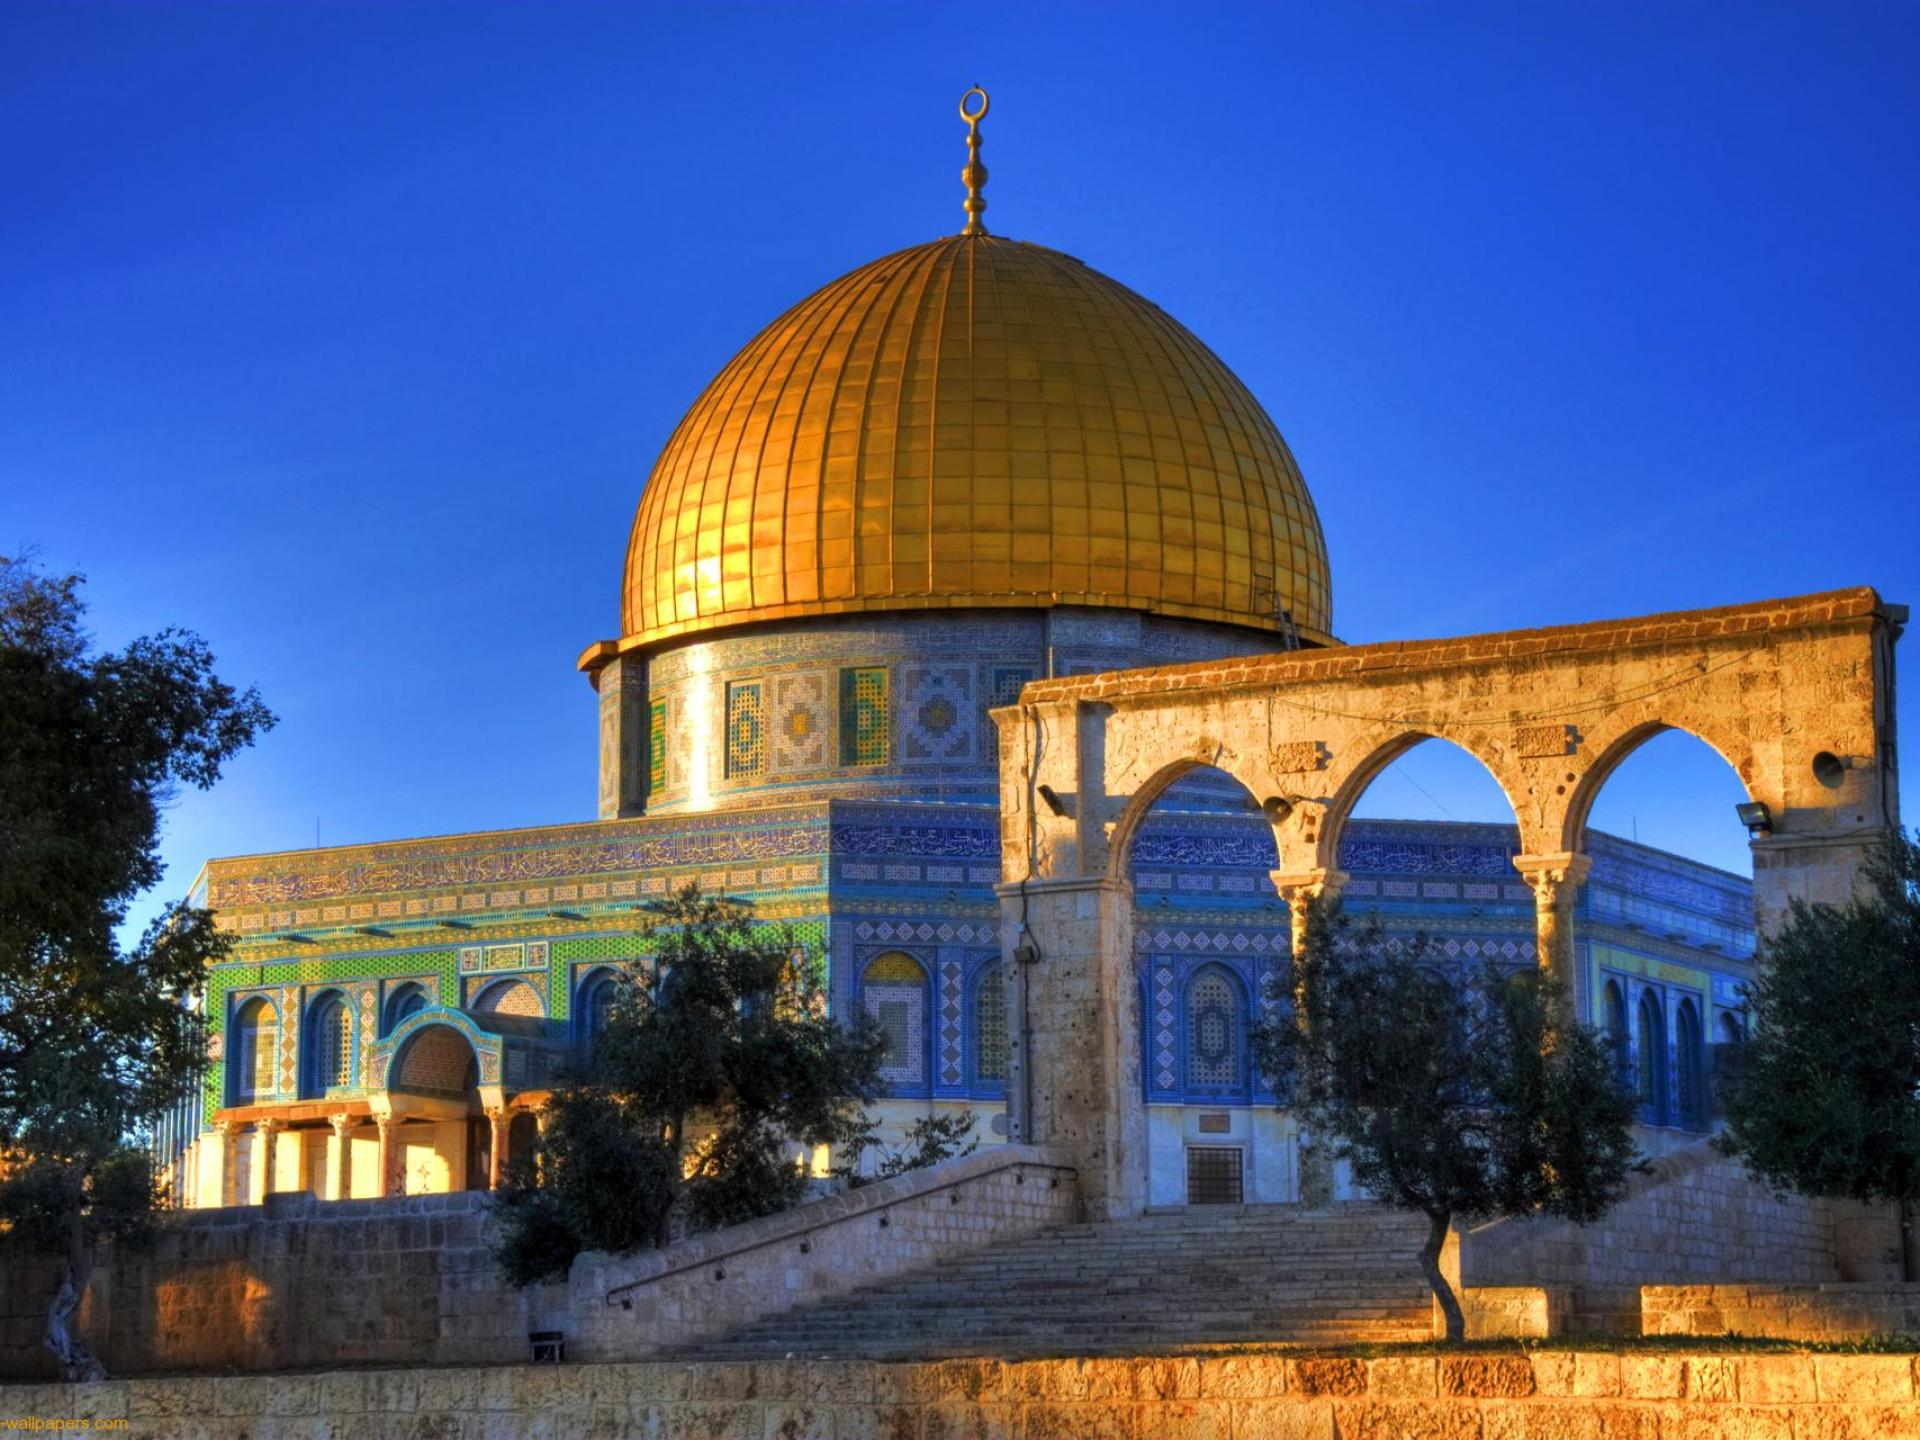 صور اجمل الصور للمسجد الاقصى , خلفيات المسجد الاقصى